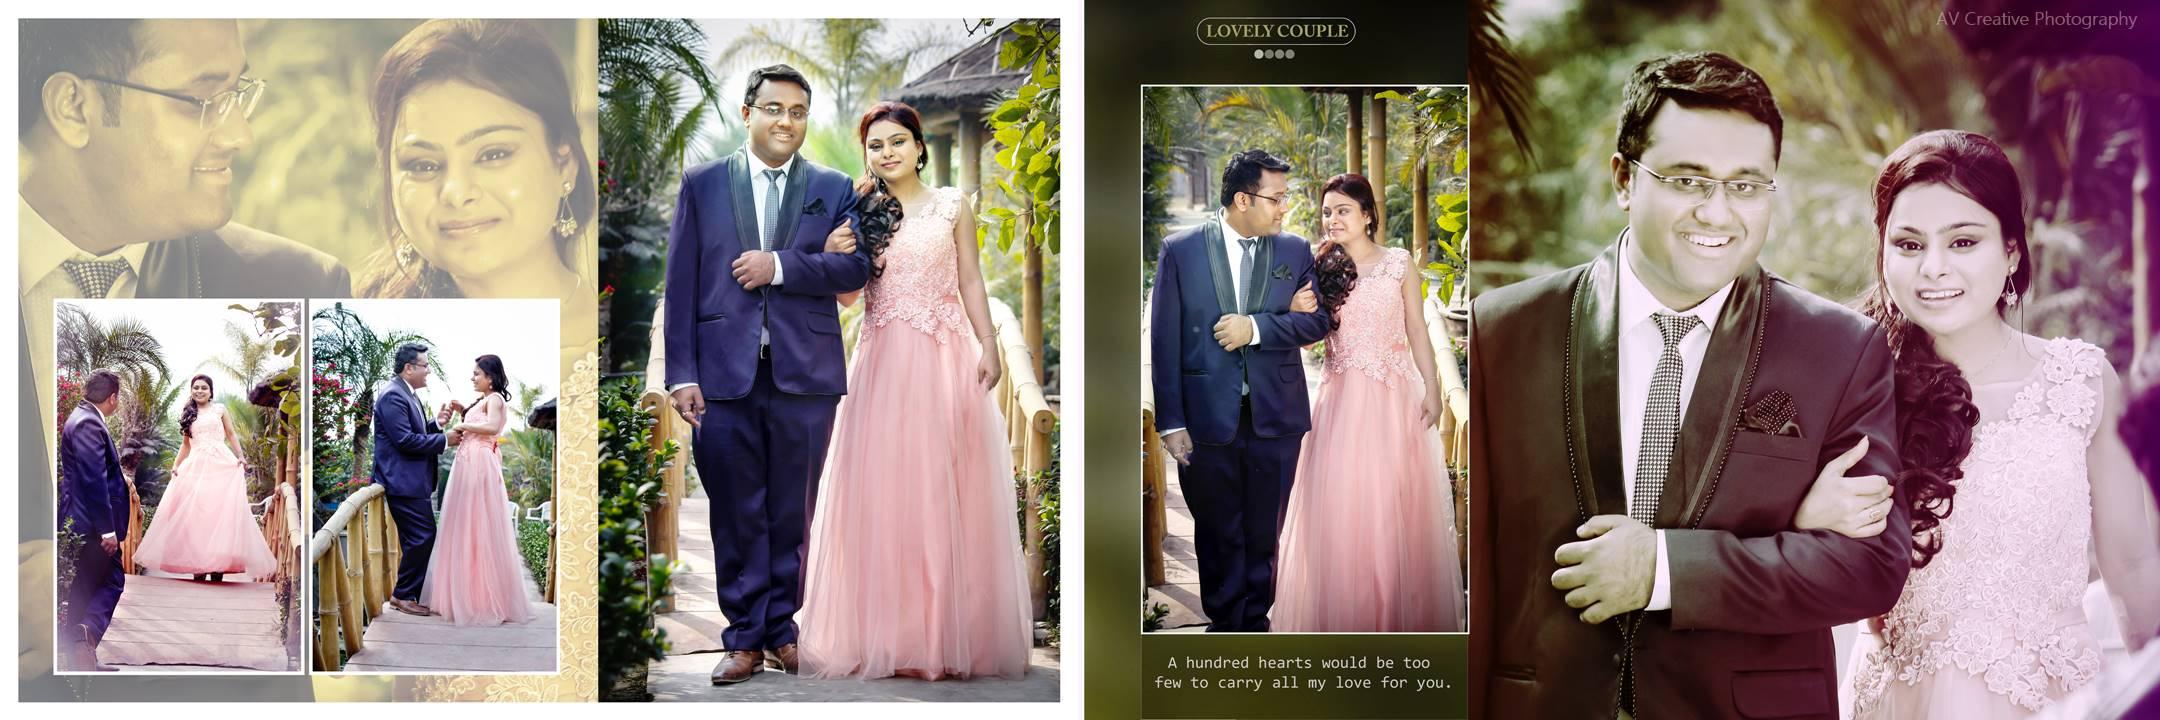 Arpit and Mukta | AV Creative Photography | 9650664996 | Best Pre wedding Shoot in Delhi NCR